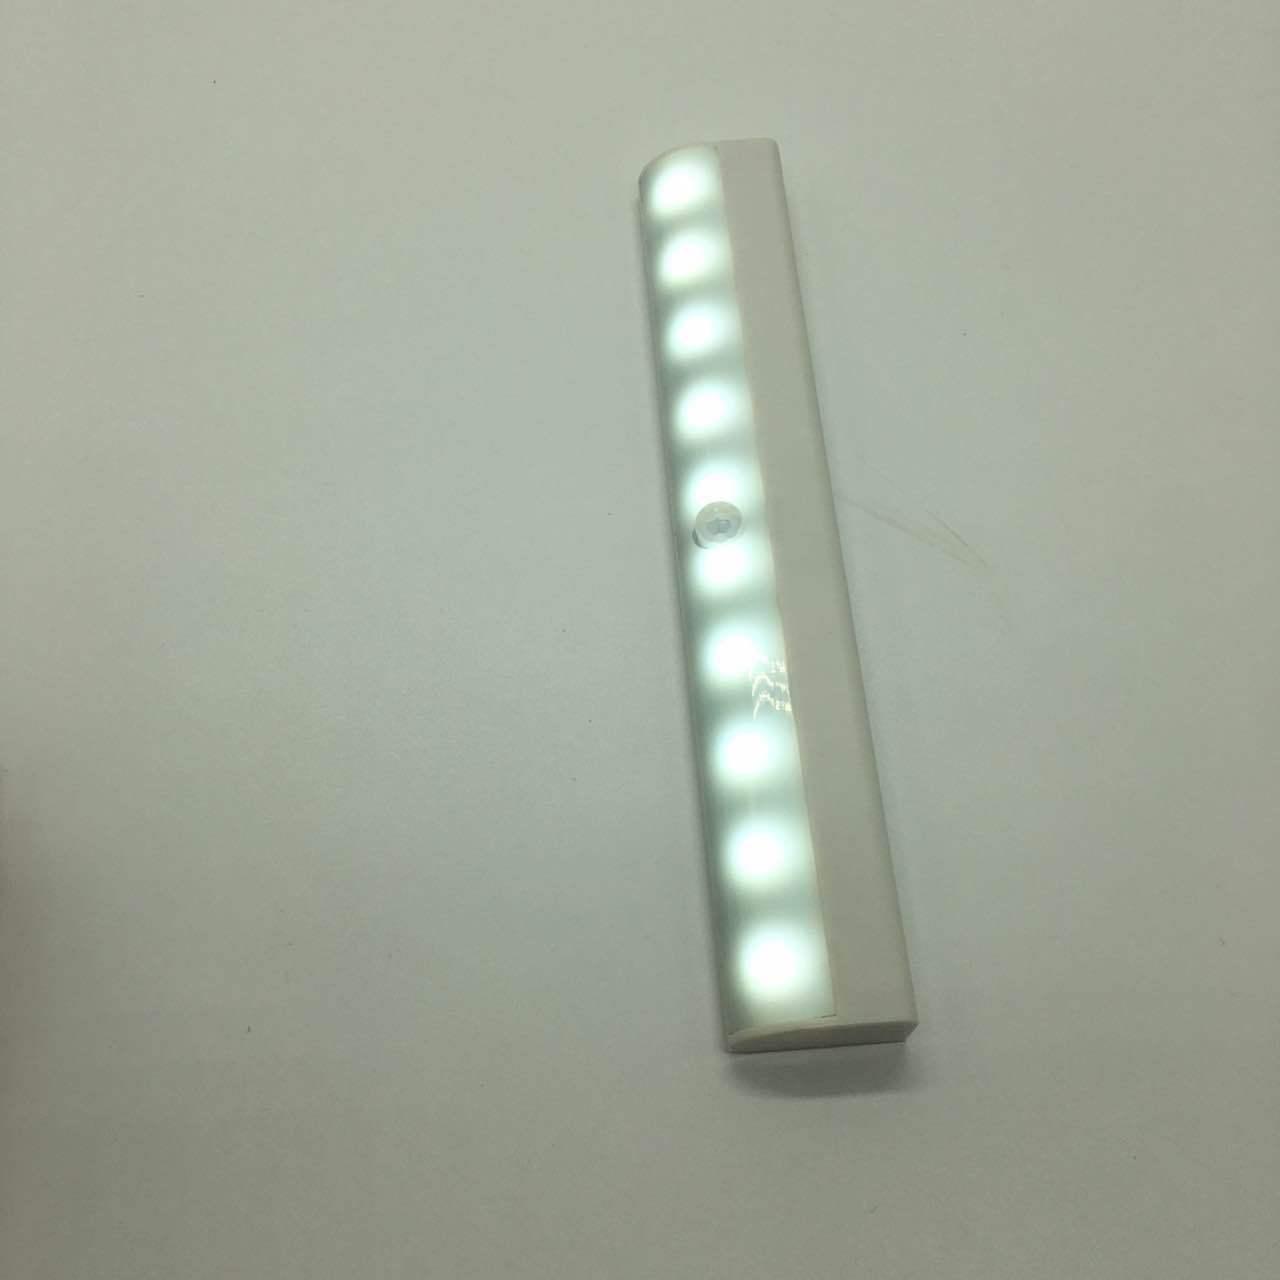 LED感应橱柜灯10颗灯珠高亮人体感应运动条灯